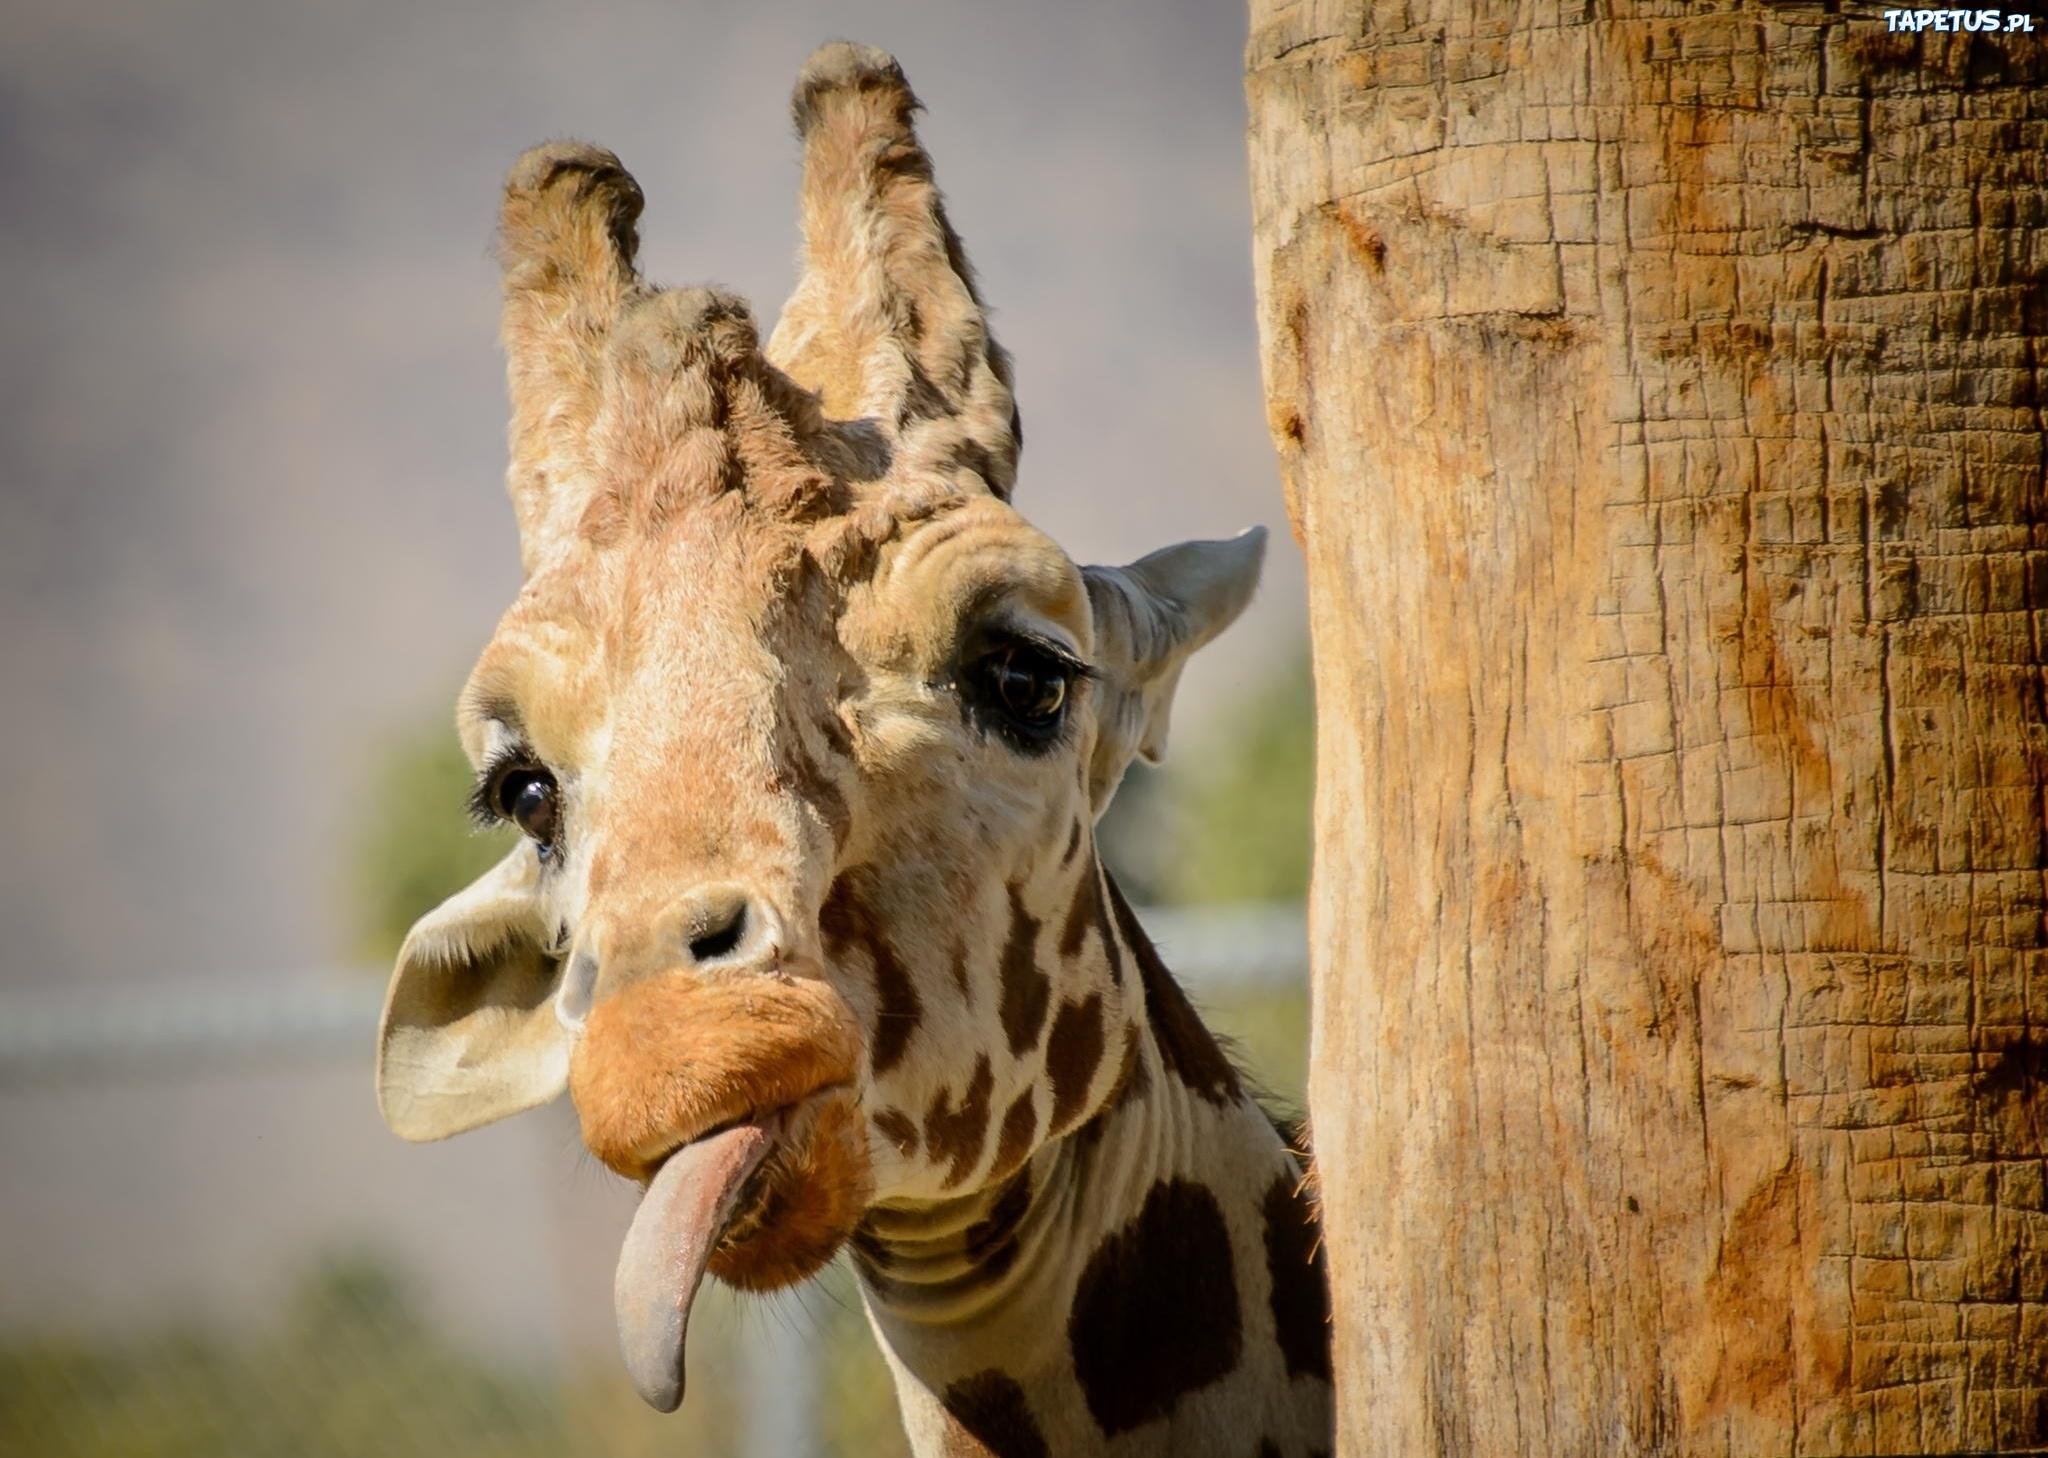 жираф вода юмор загрузить